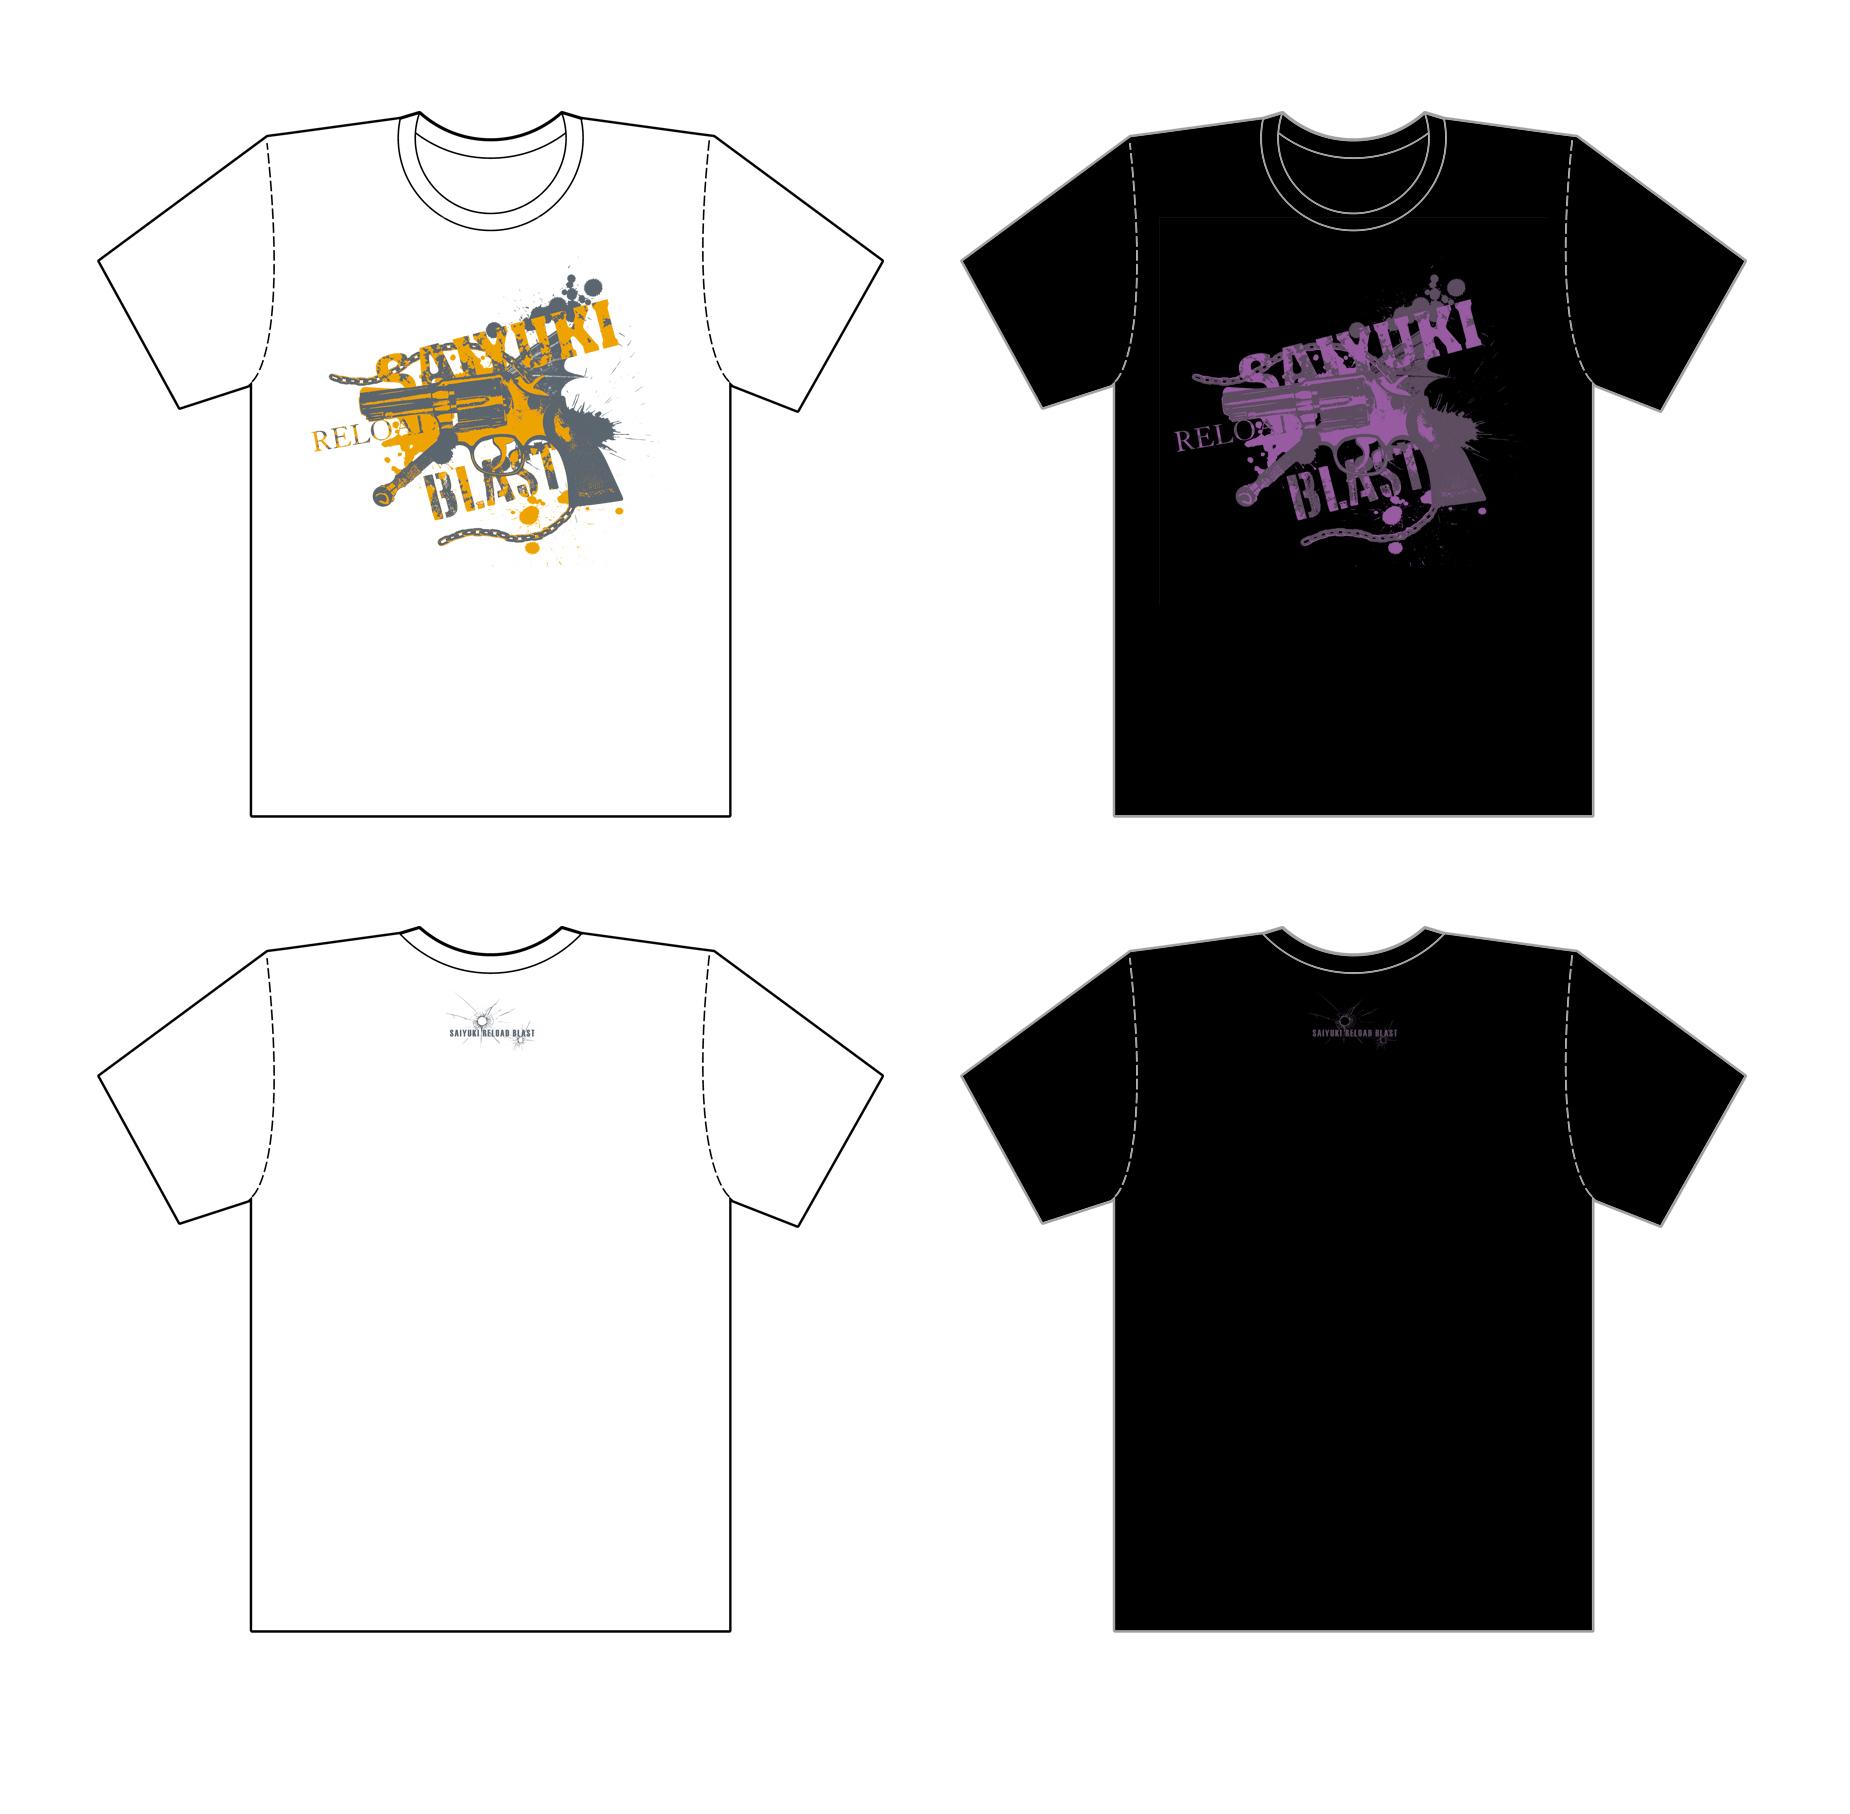 【ダッシュストア記念】 Tシャツ2種